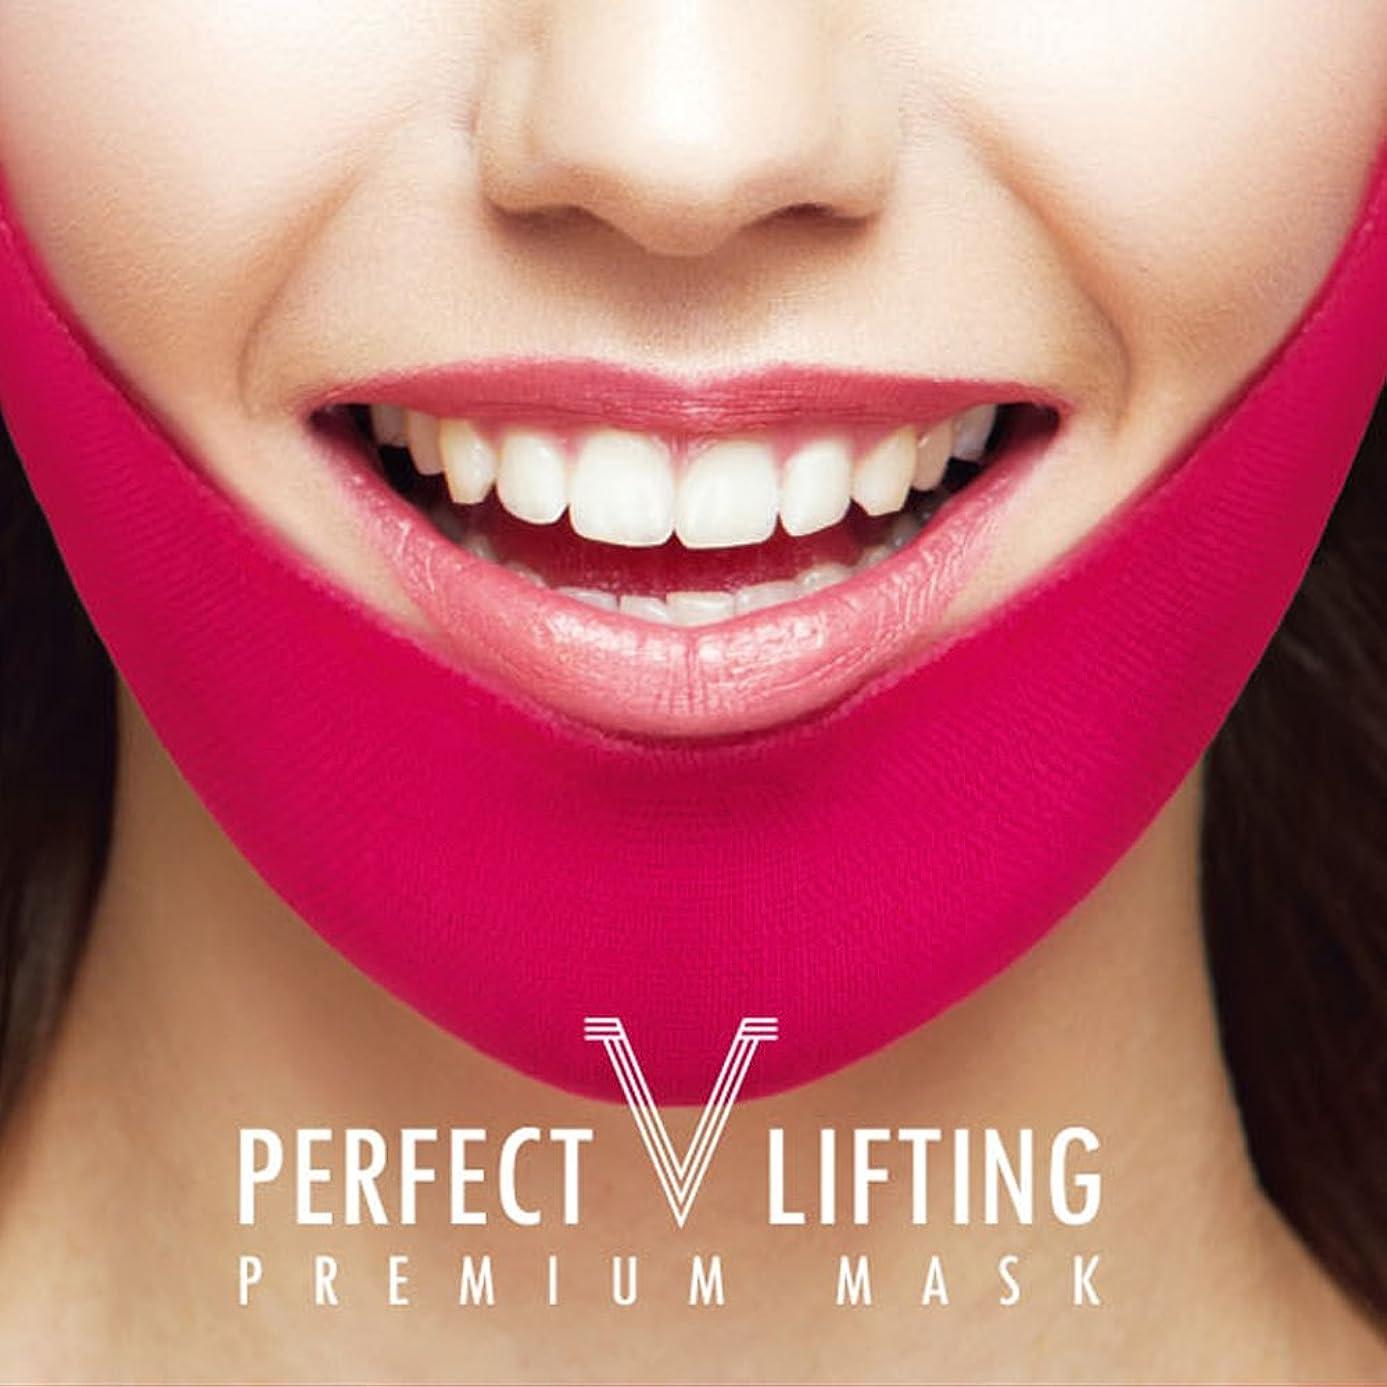 緩める環境に優しい絶対のAvajar パーフェクト V リフティング プレミアムマスク エイバザール マスク フェイスマスク 小顔効果と顎ラインを取り戻す 1パック